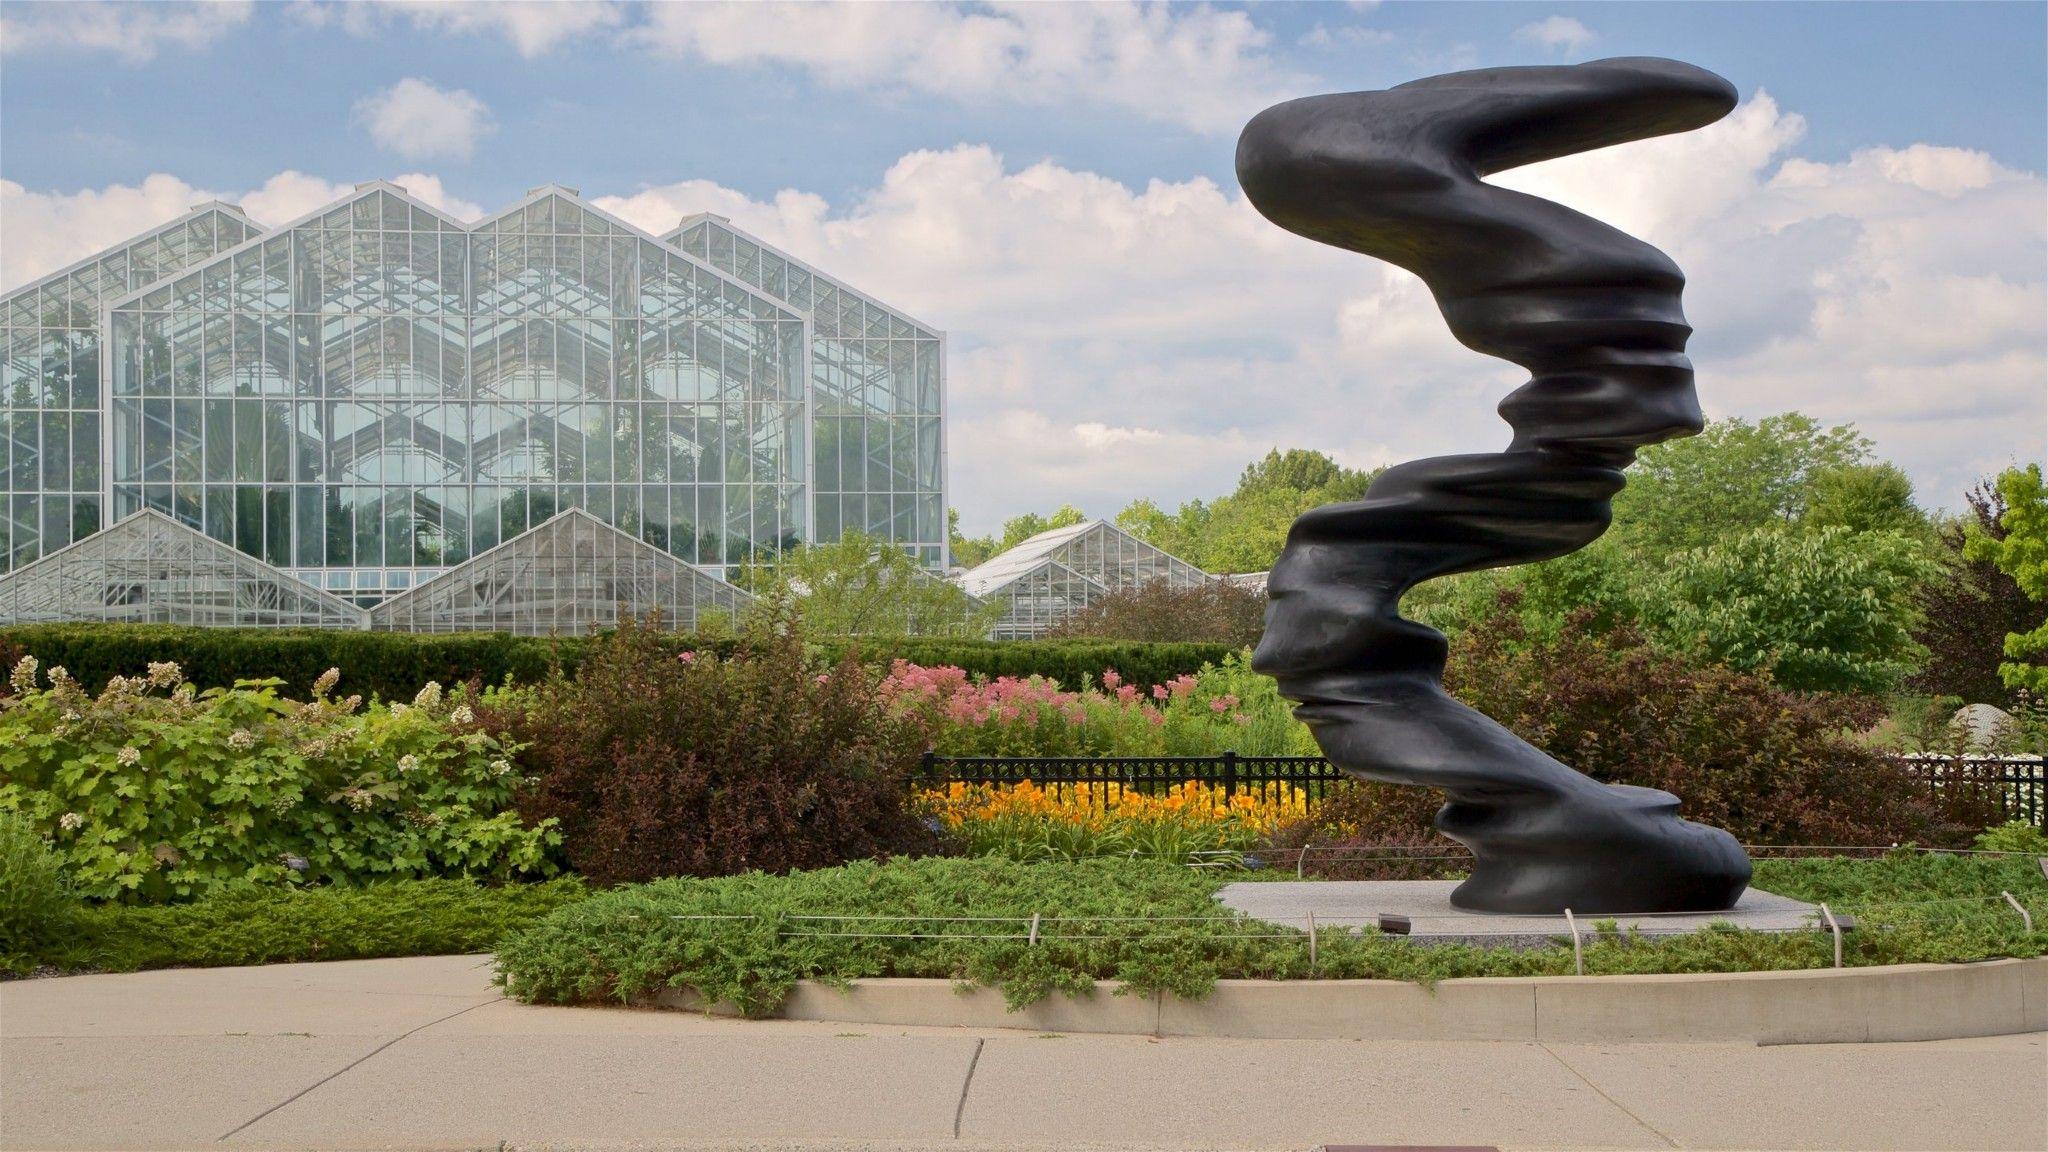 4b9e749750aa783f29b5b1b293d6a606 - Frederik Meijer Gardens & Sculpture Park Events